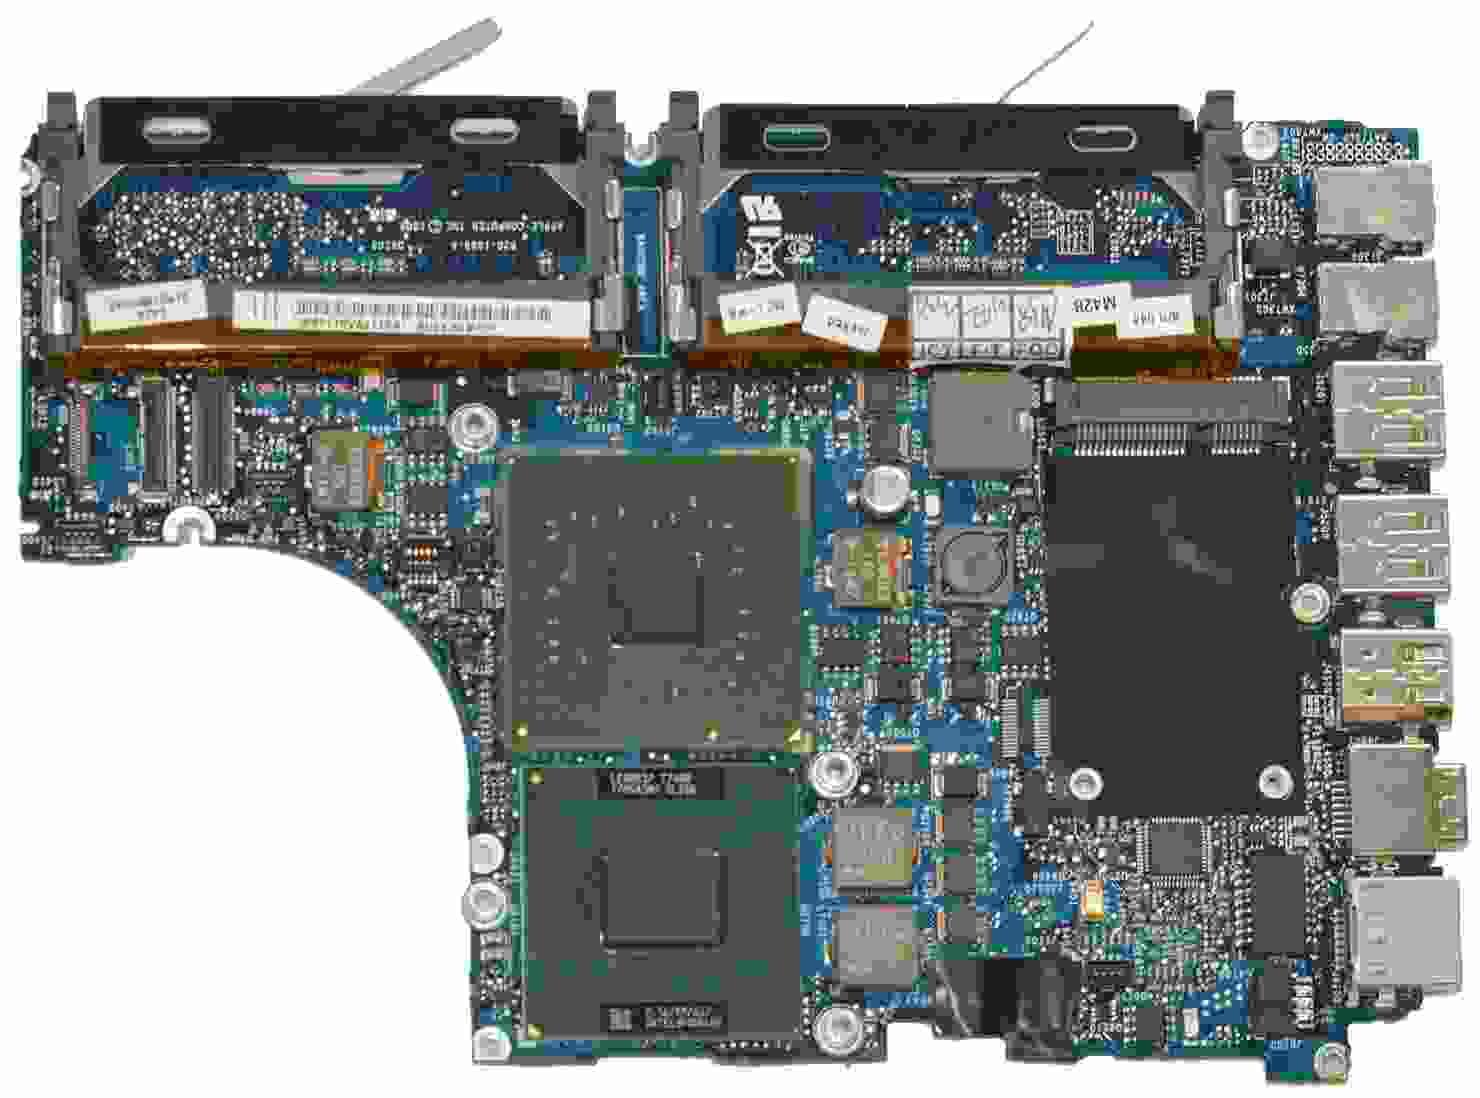 661-4484 APPLE MACBOOK 2,16 GHZ LAPTOP Motherboard, Tarjeta madre + Apple en Veo y Compro